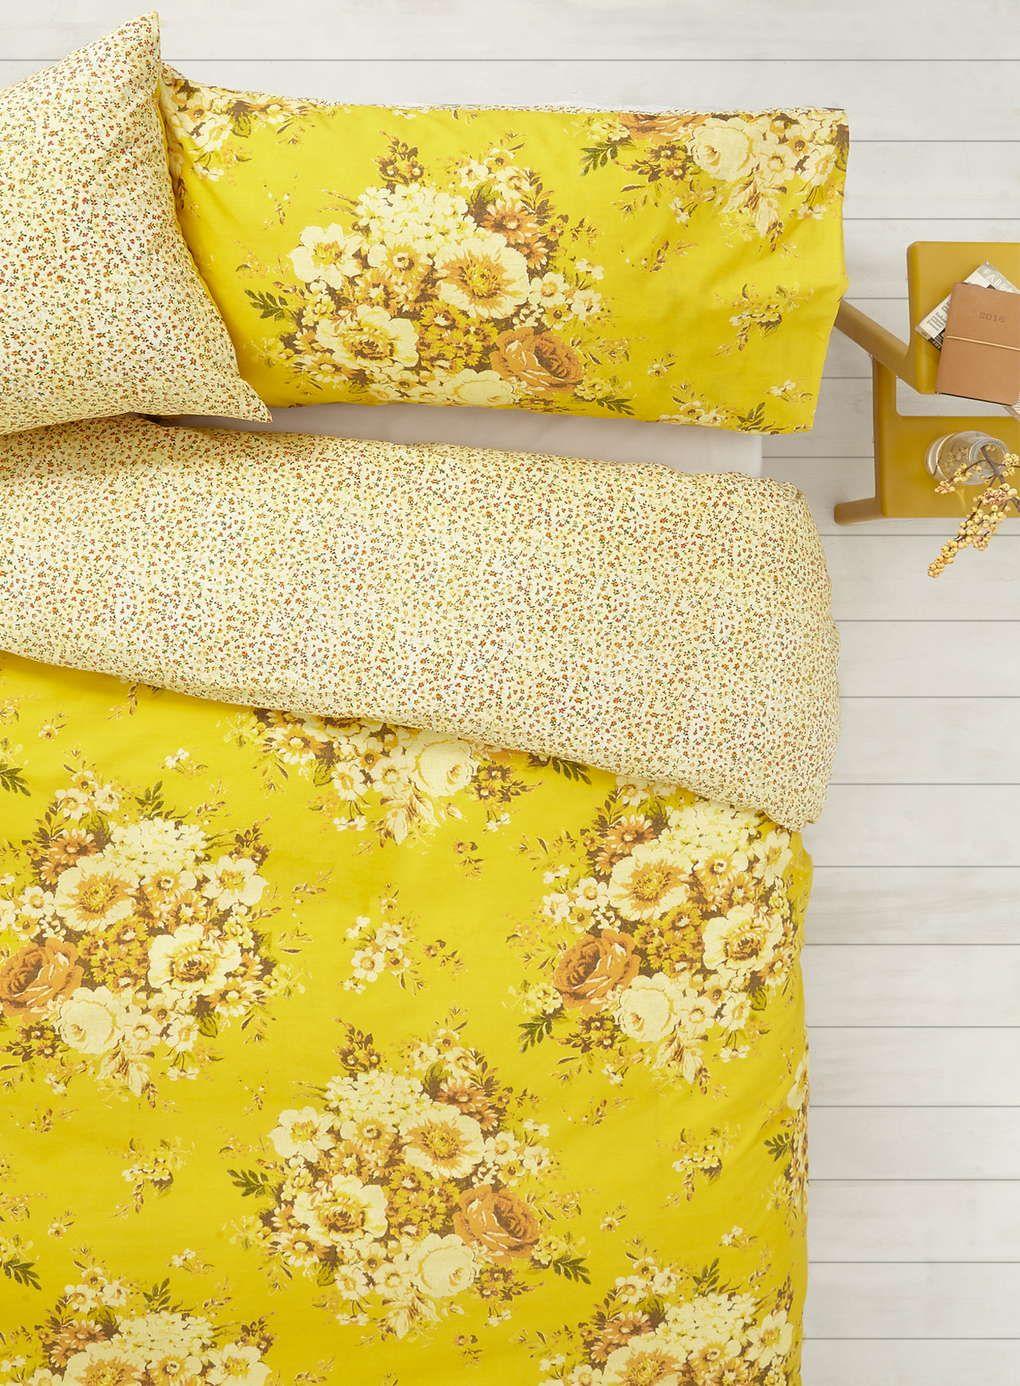 Vintage Nostalgia Yellow Floral Bedding Set Bedding Sets Home Lighting Furniture Floral Bedding Sets Yellow Bedding Floral Bedding